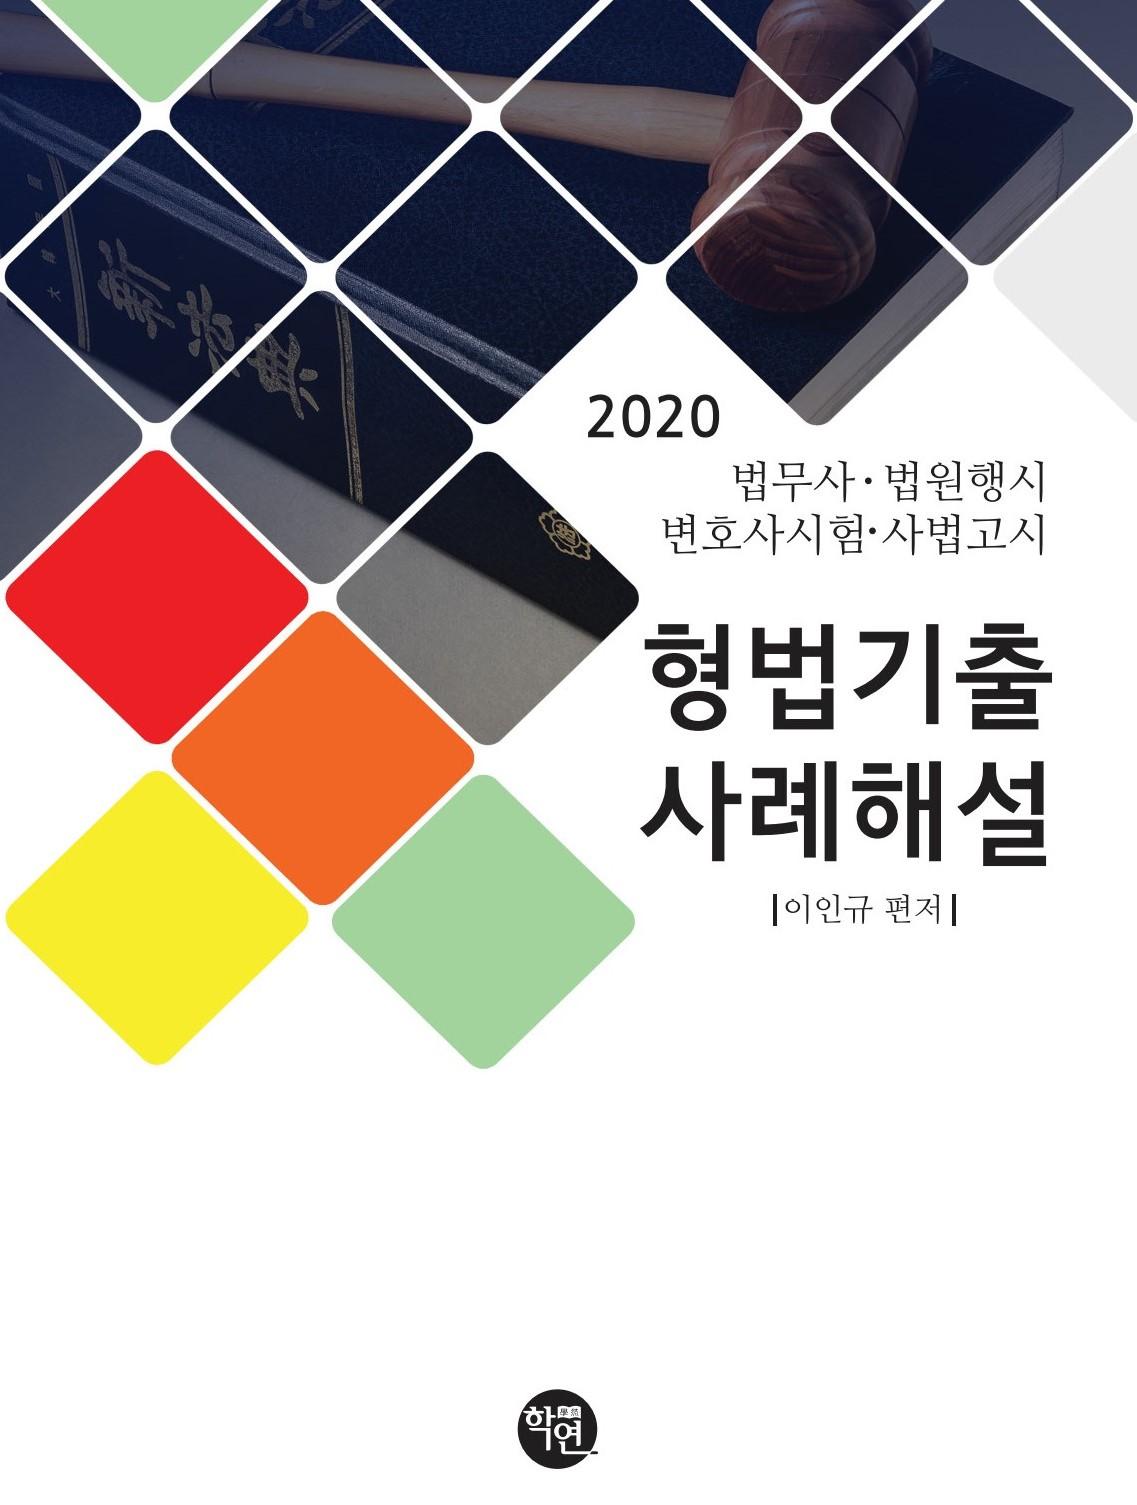 [법무사] 2020 형법기출사례해설 (이인규 저)